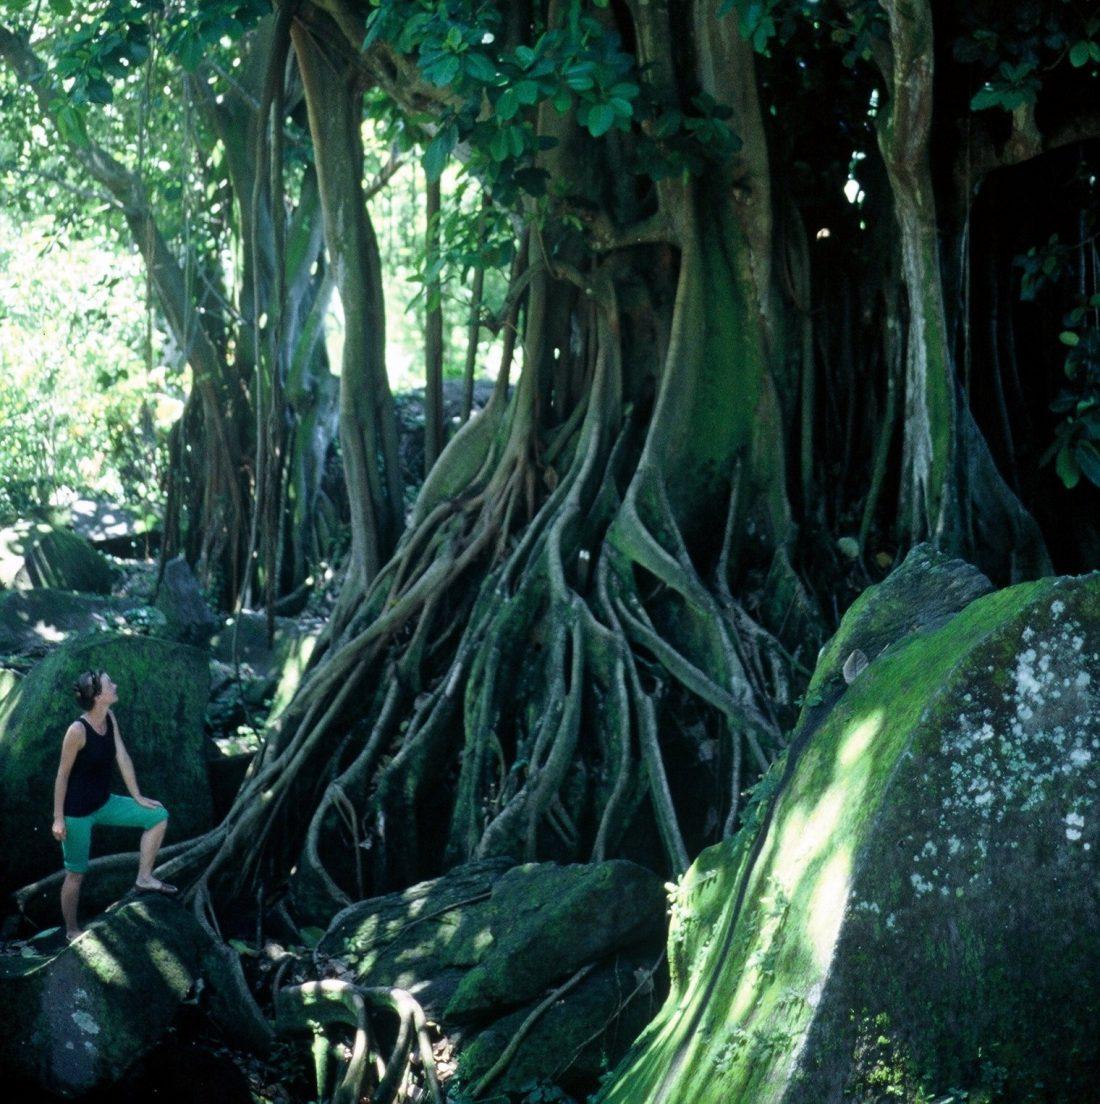 Guadeloupe : Parc archéologique des Roches gravées (figuier étrangleur)